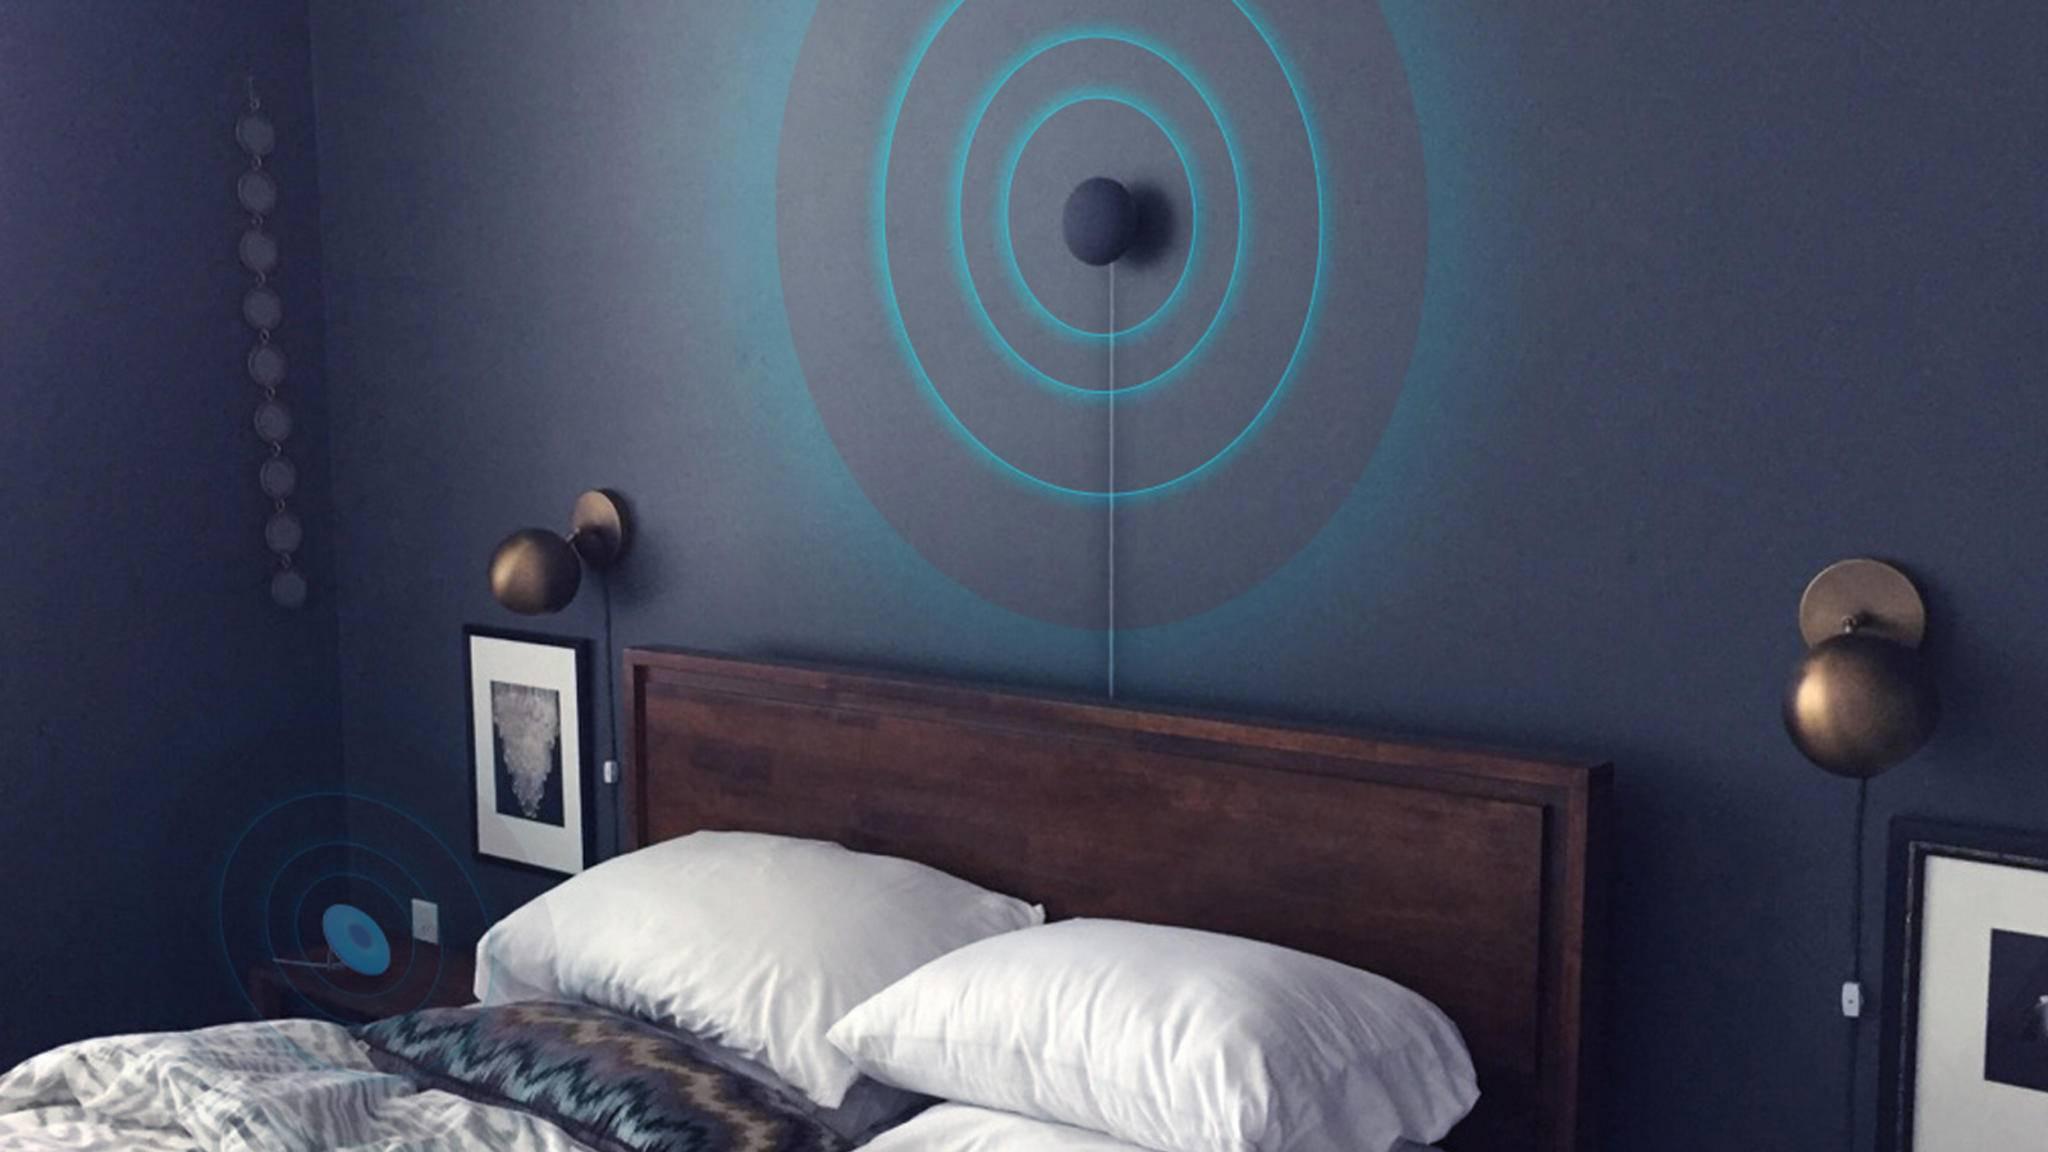 Der Circadia Sleep Tracker soll aus bis zu 2,4 Metern Entfernung akkurate Daten liefern können.